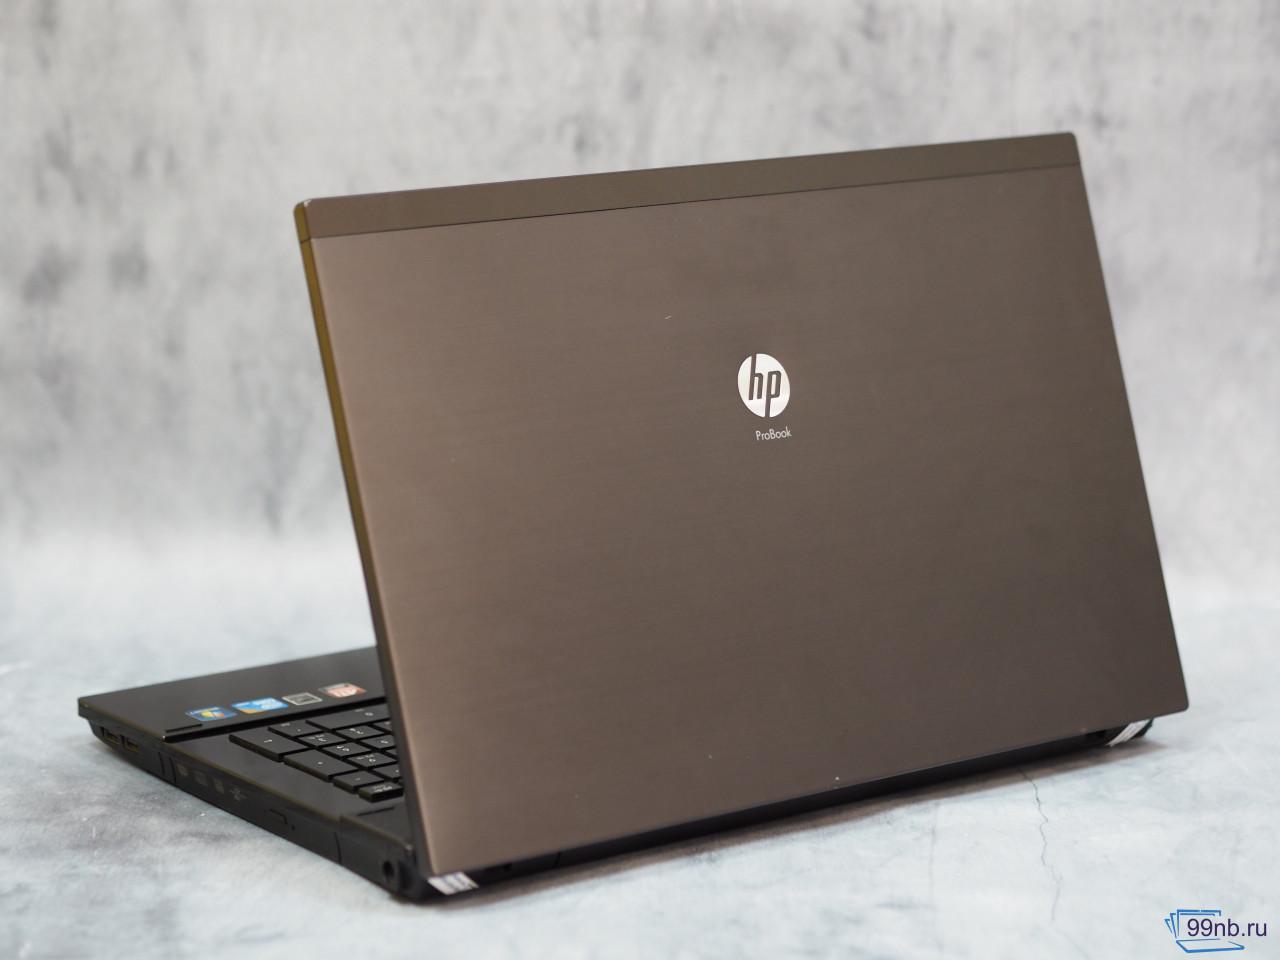 HP  probook 4720s